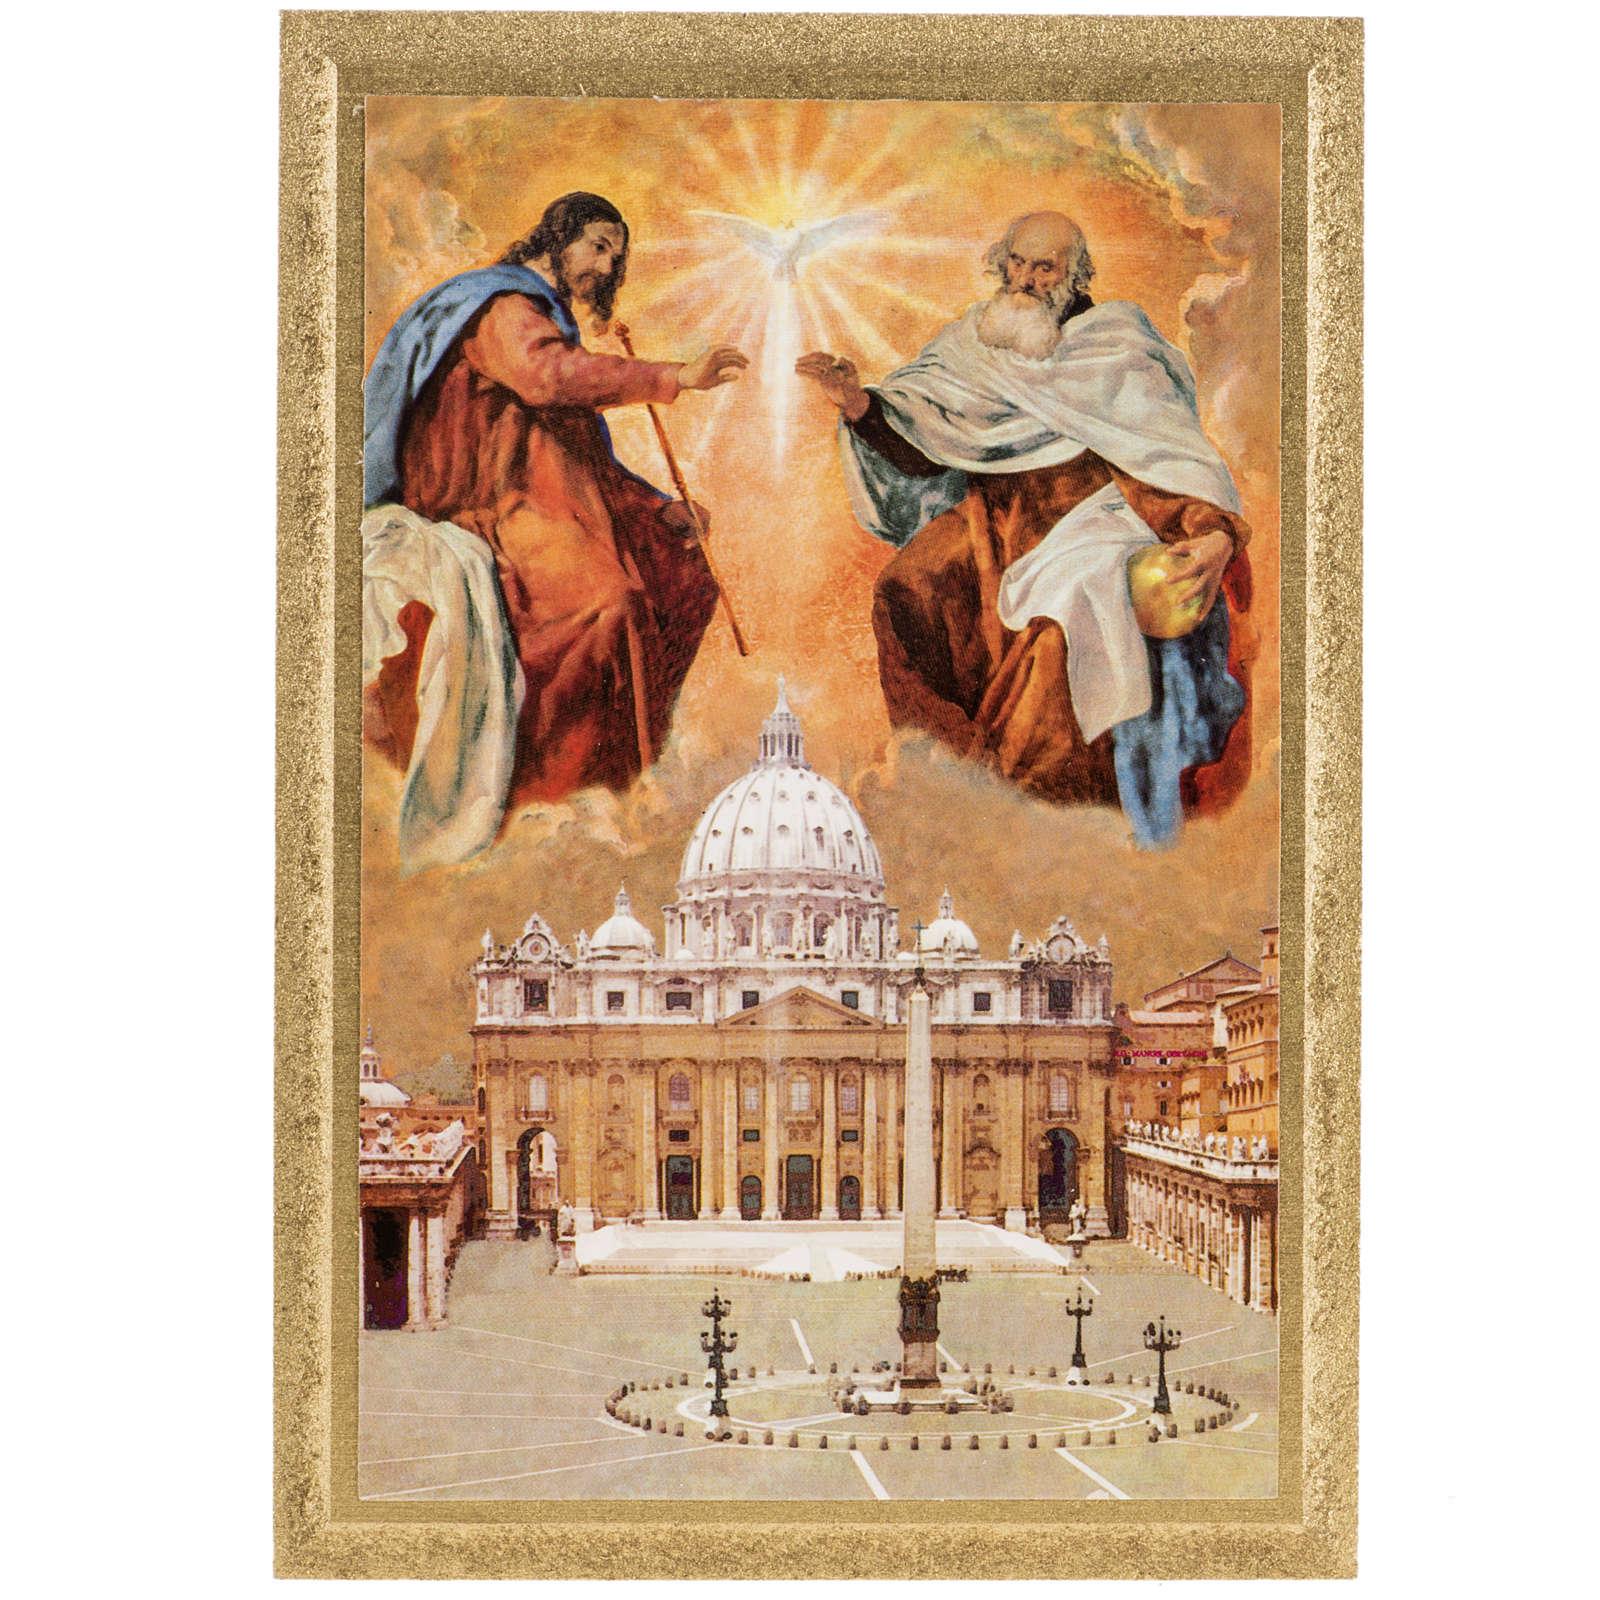 Stampa legno SS. Trinità e Basilica S. Pietro 16x11 3